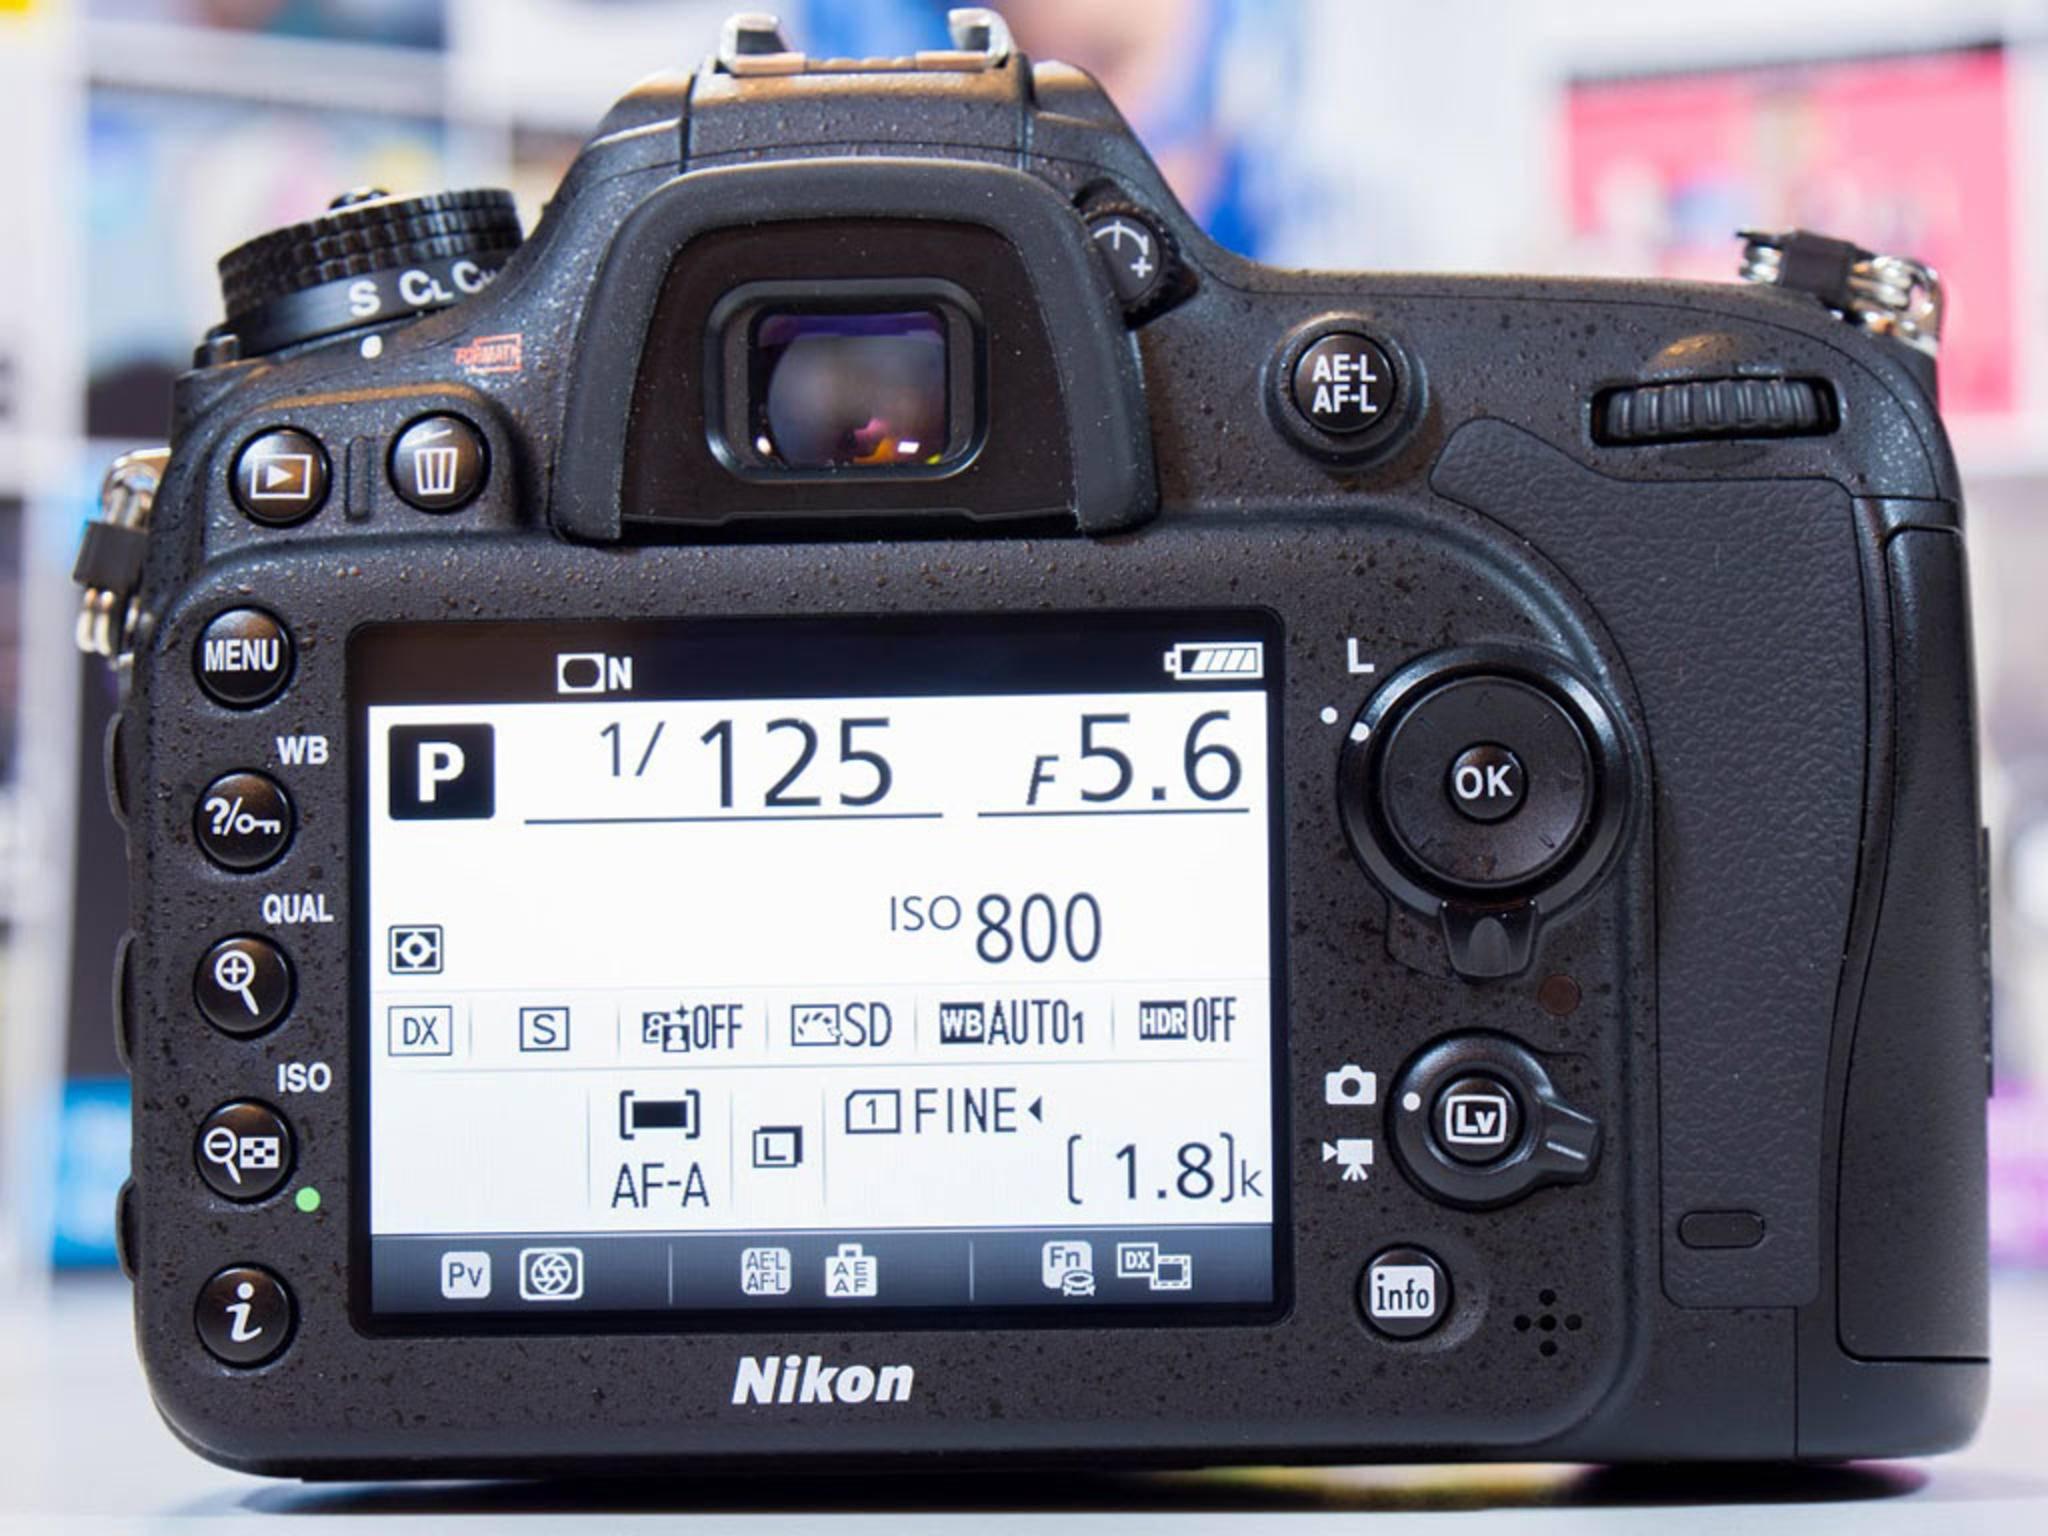 Auf dem Display lassen sich die aktuellen Kameradaten darstellen.